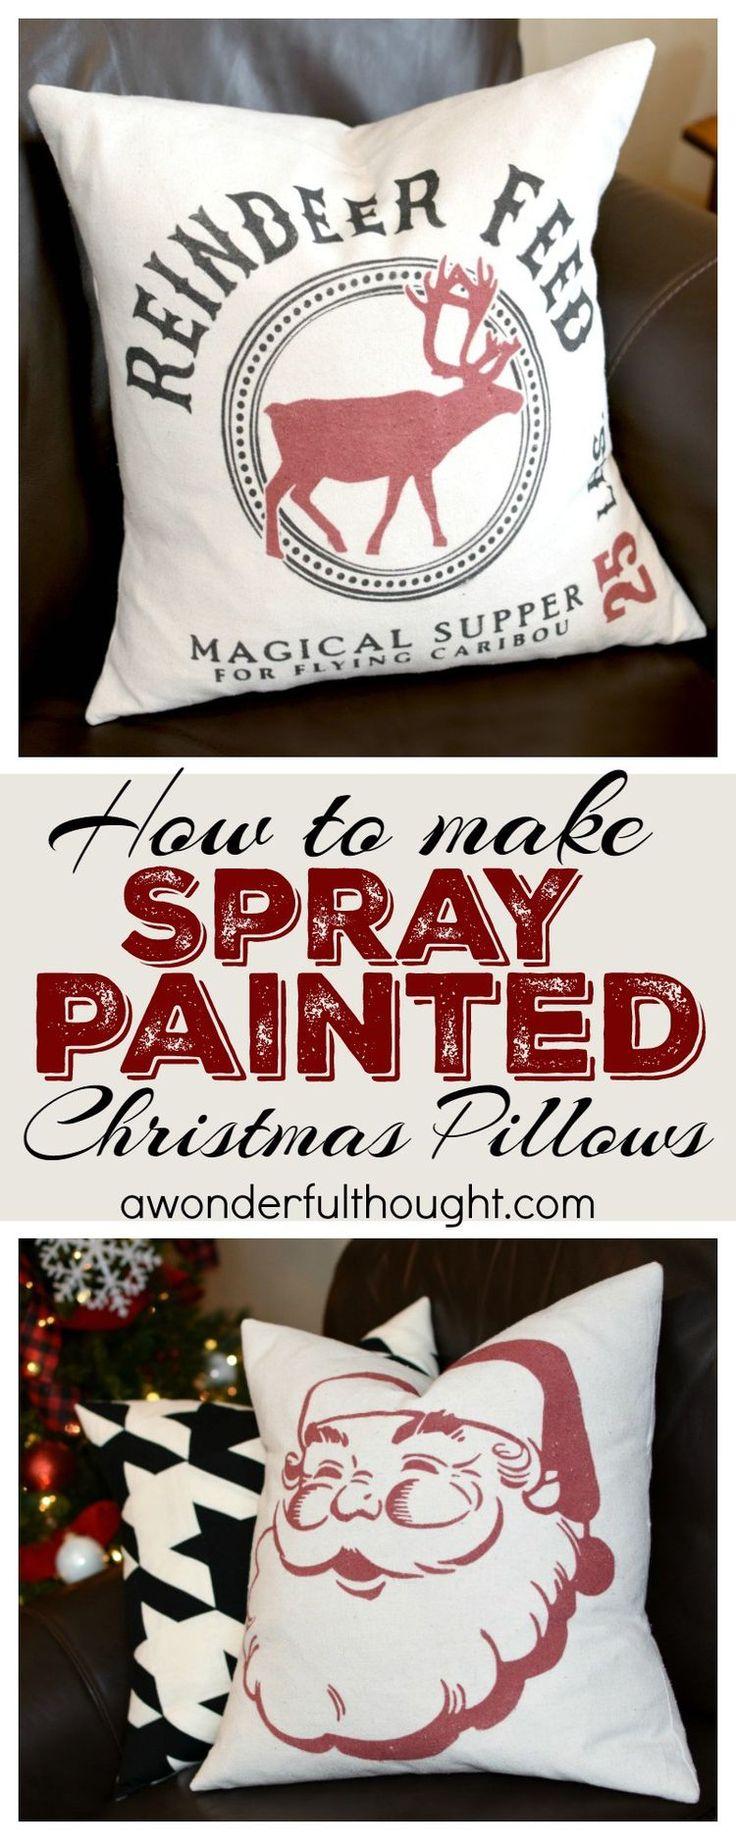 DIY Spray Painted Christmas Pillows & 25+ unique Diy christmas pillows ideas on Pinterest | Christmas ... pillowsntoast.com